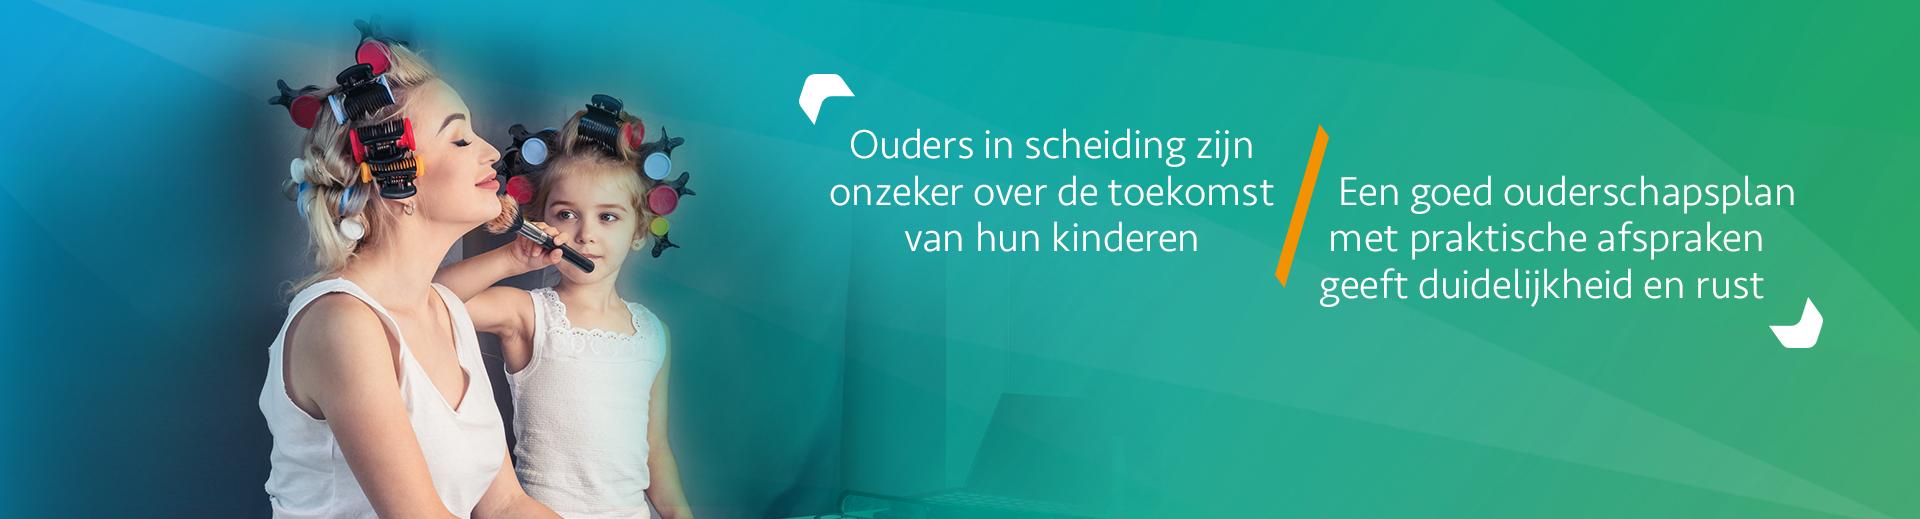 Scheiden en het ouderschapsplan - Scheidingsplanner Midden-Nederland